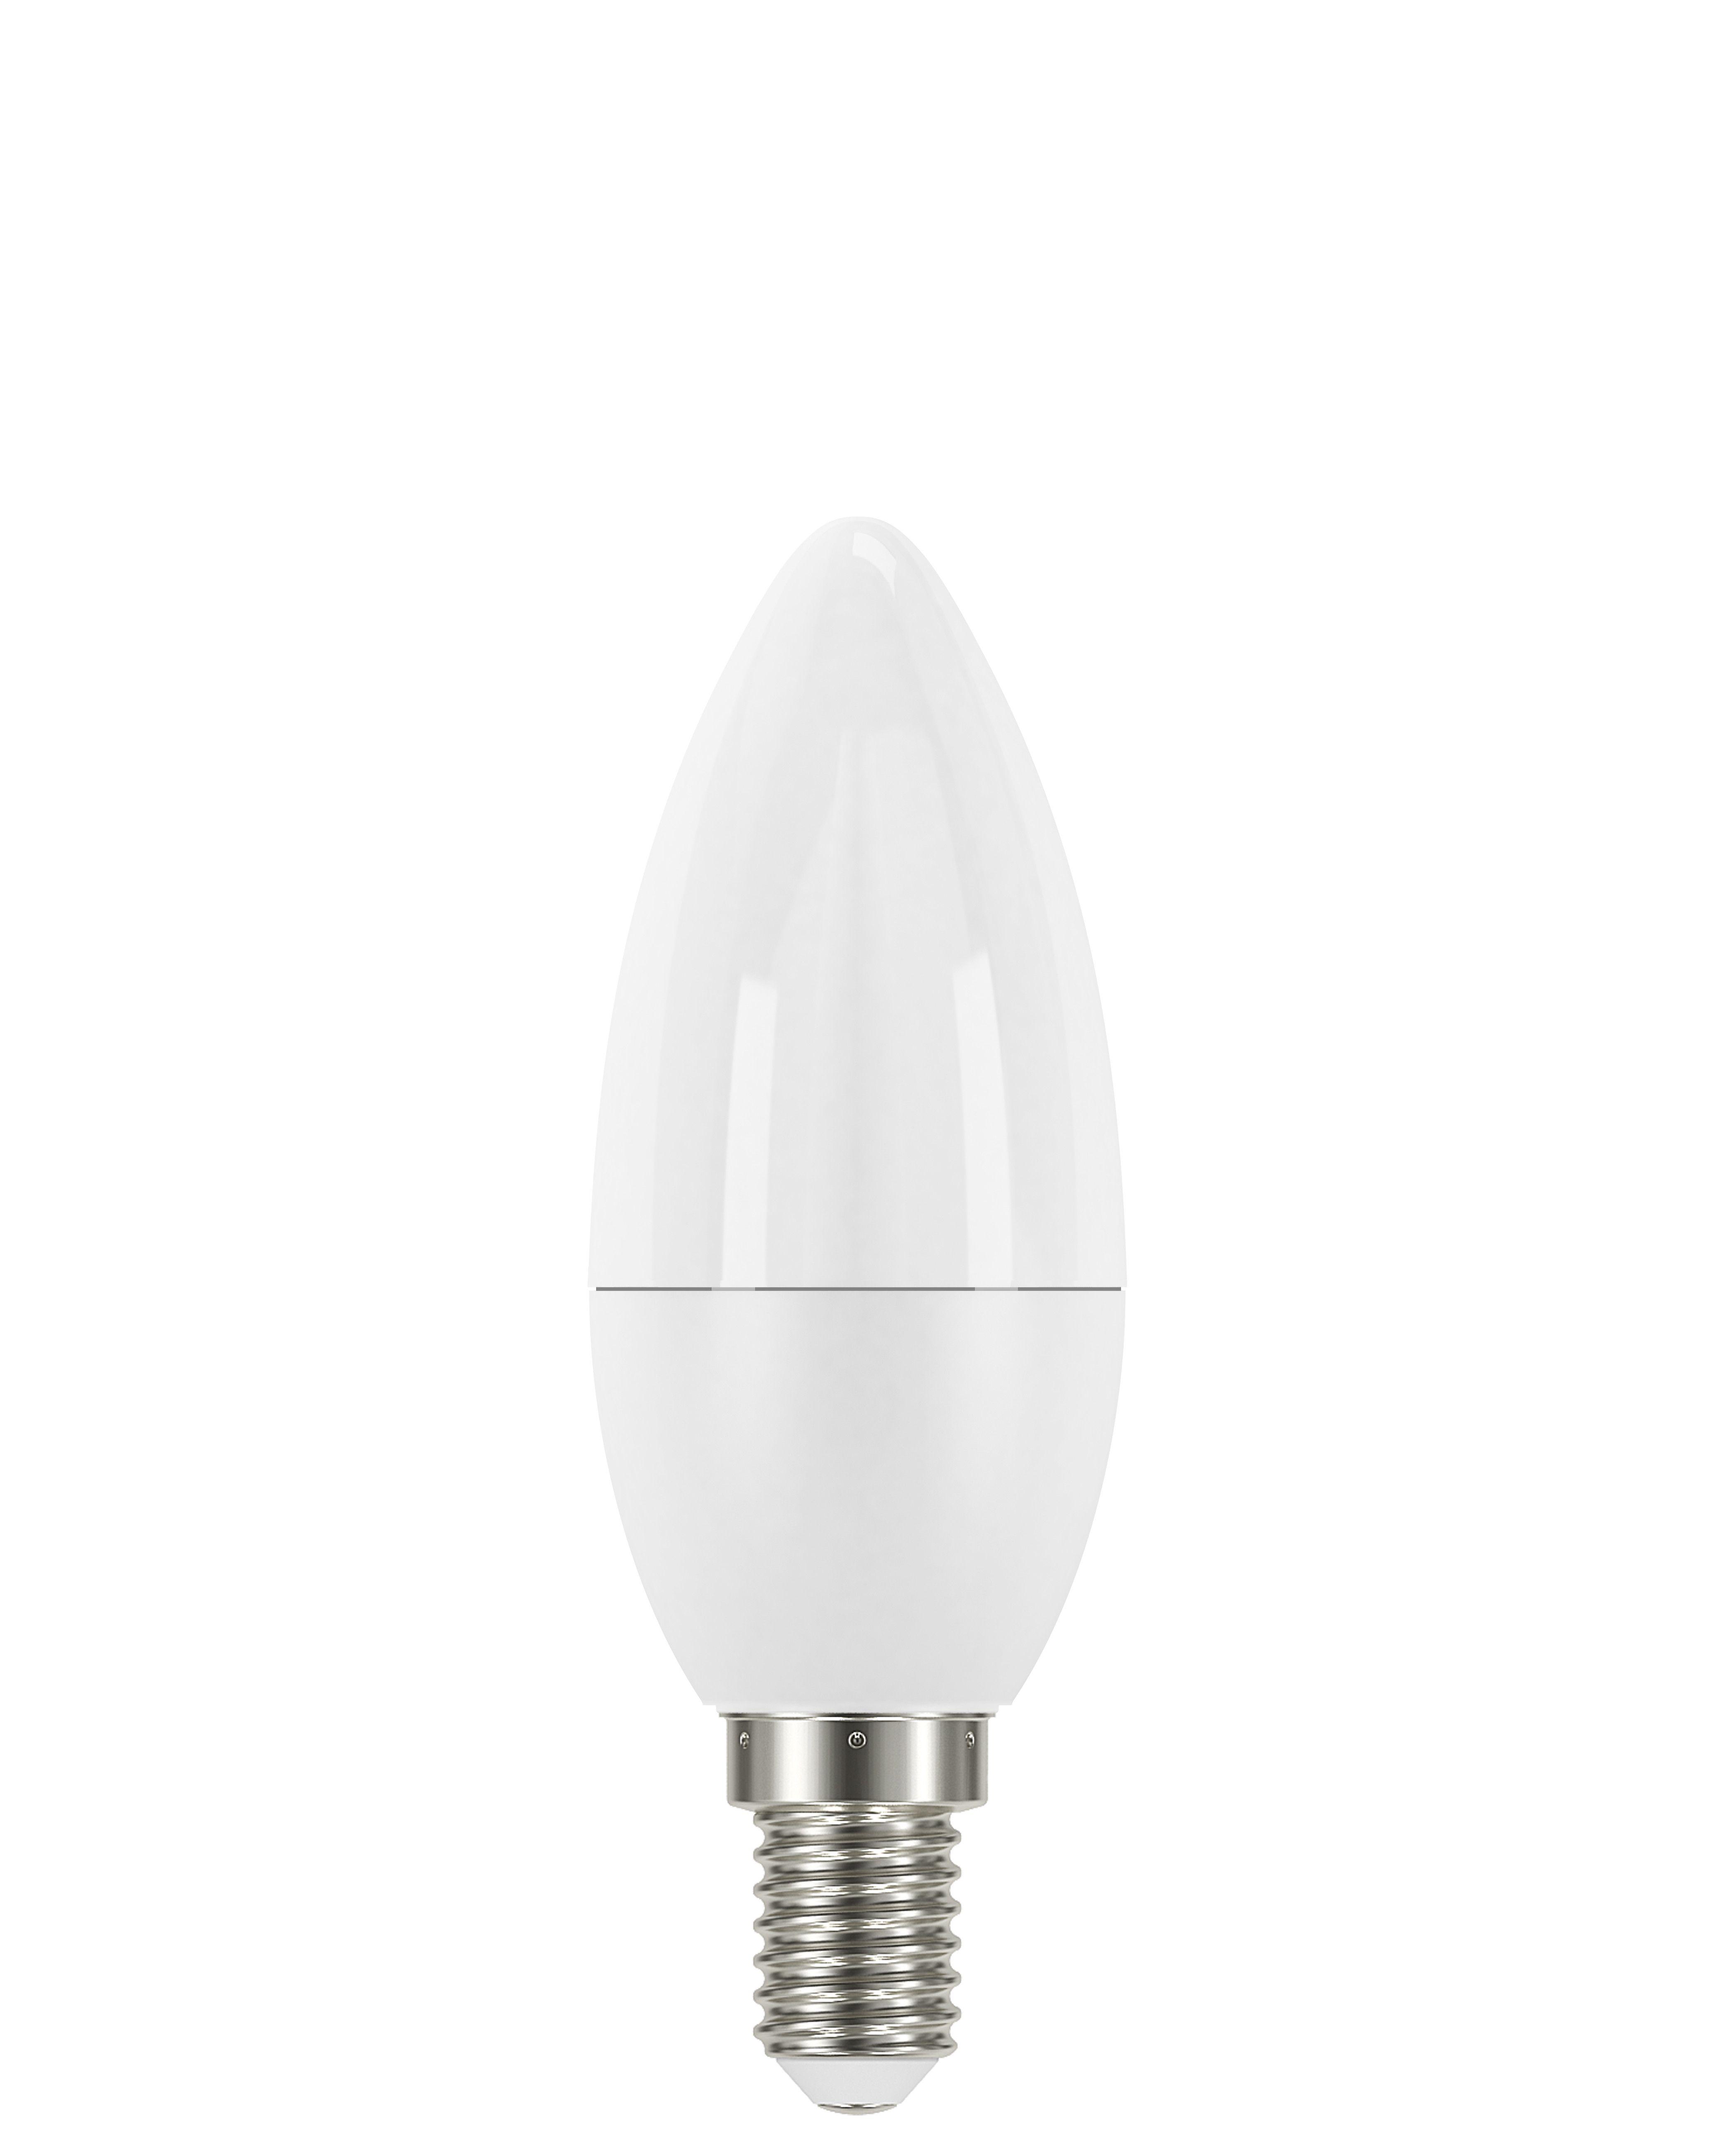 Купить Лампа светодиодная Osram LS CLB40 5, 4W/830 230VFR E14 10X1RUOSRAM свеча теплый-б, Osram Ledvance